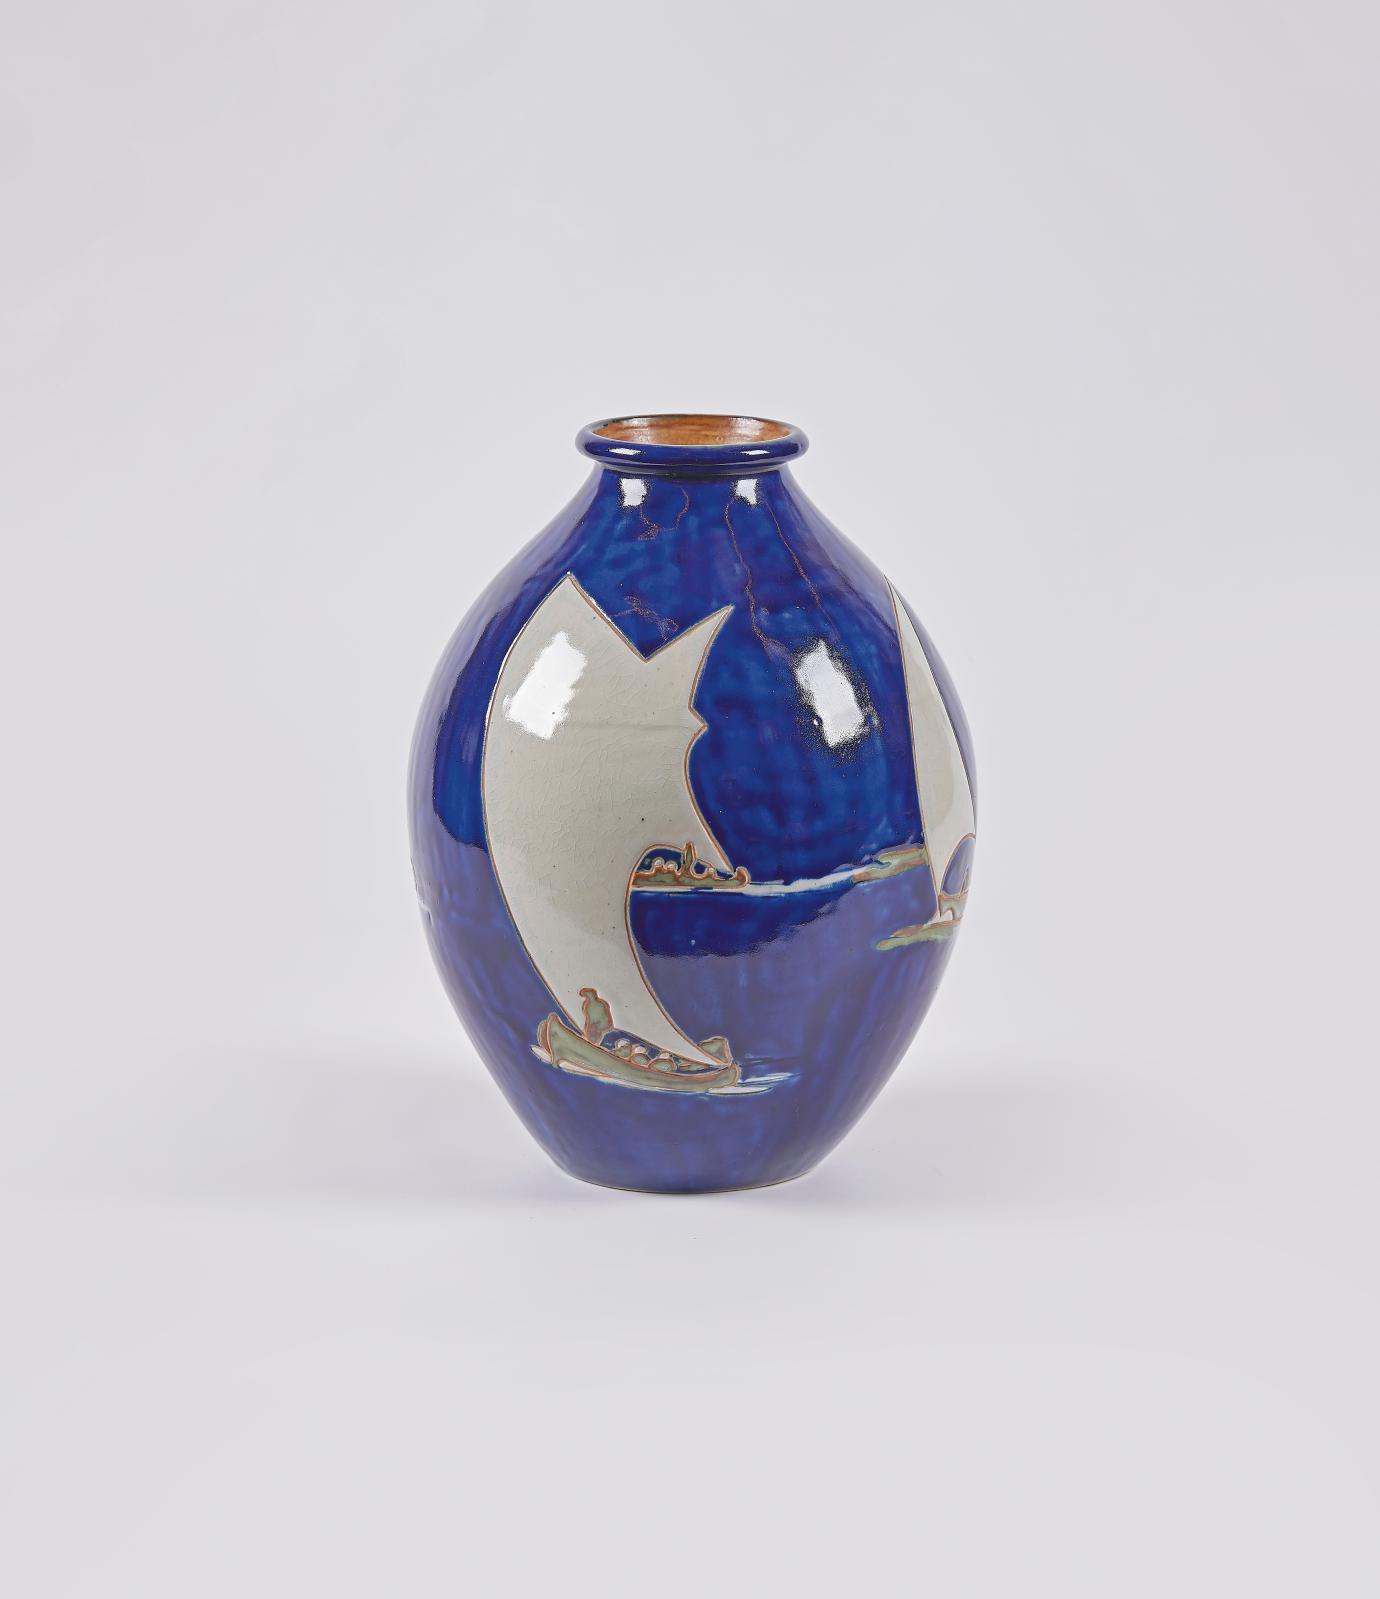 Louis Garin (1888-1959), vase globulaire en grès émaillé polychrome à fond bleu roi période Odetta, vers 1930, n°1384, signé et marqué «H